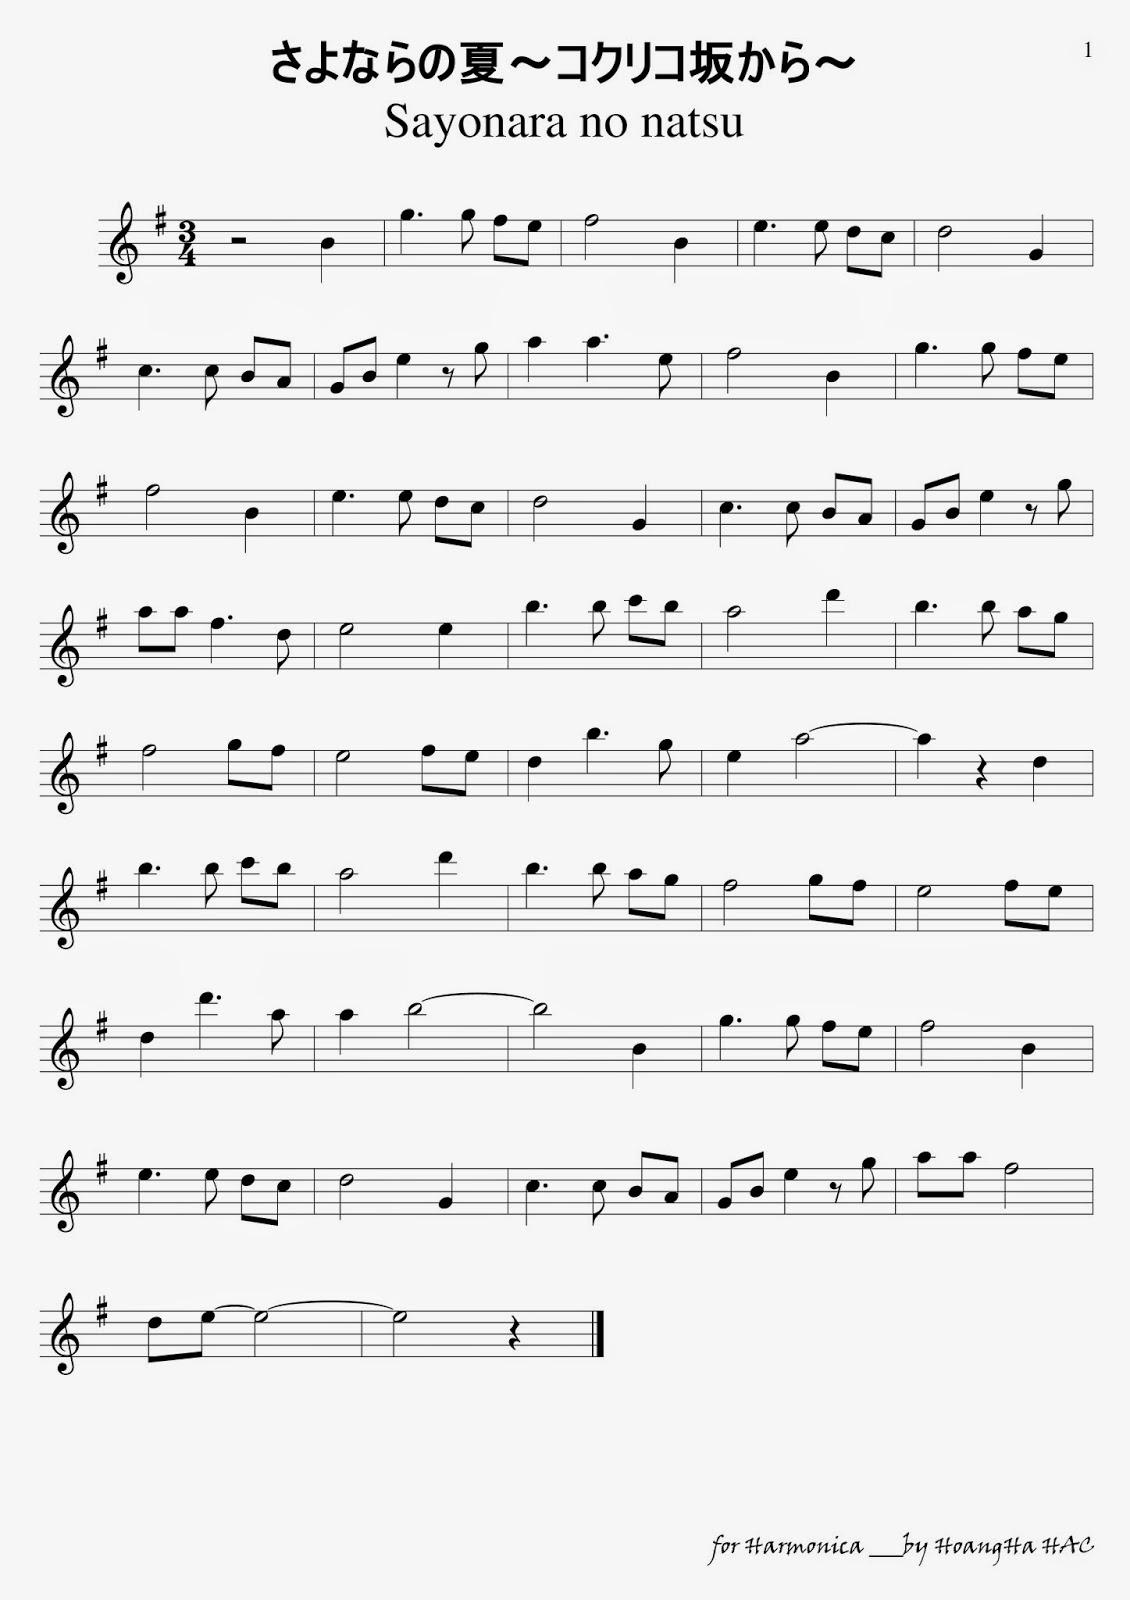 Harmonica Tabs - Sayonara no natsu (Tạm biệt mùa Hạ)